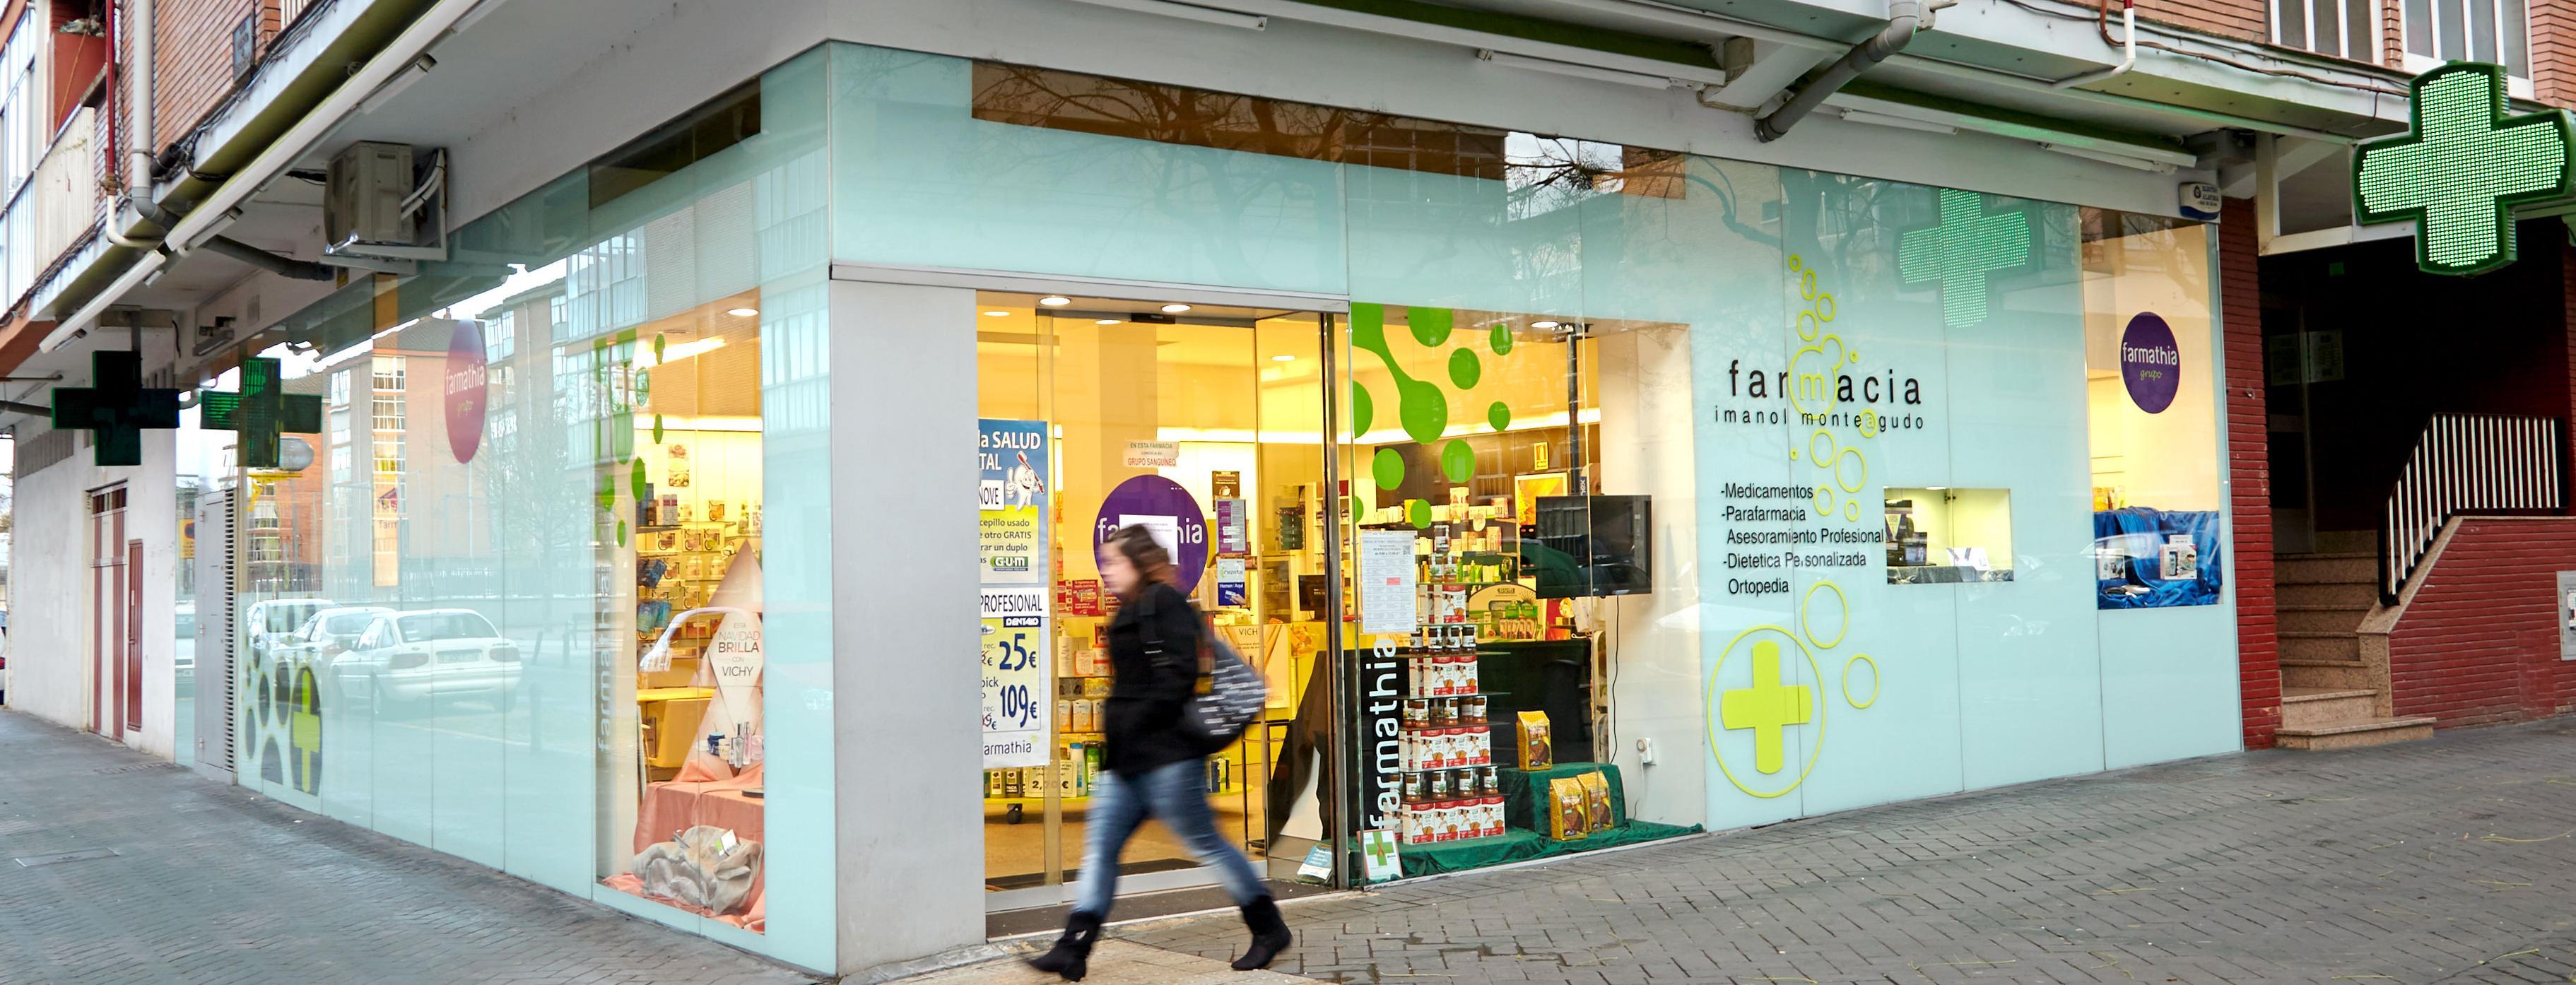 Foto 1 de Farmacias en Vitoria-Gasteiz | Farmacia Monteagudo